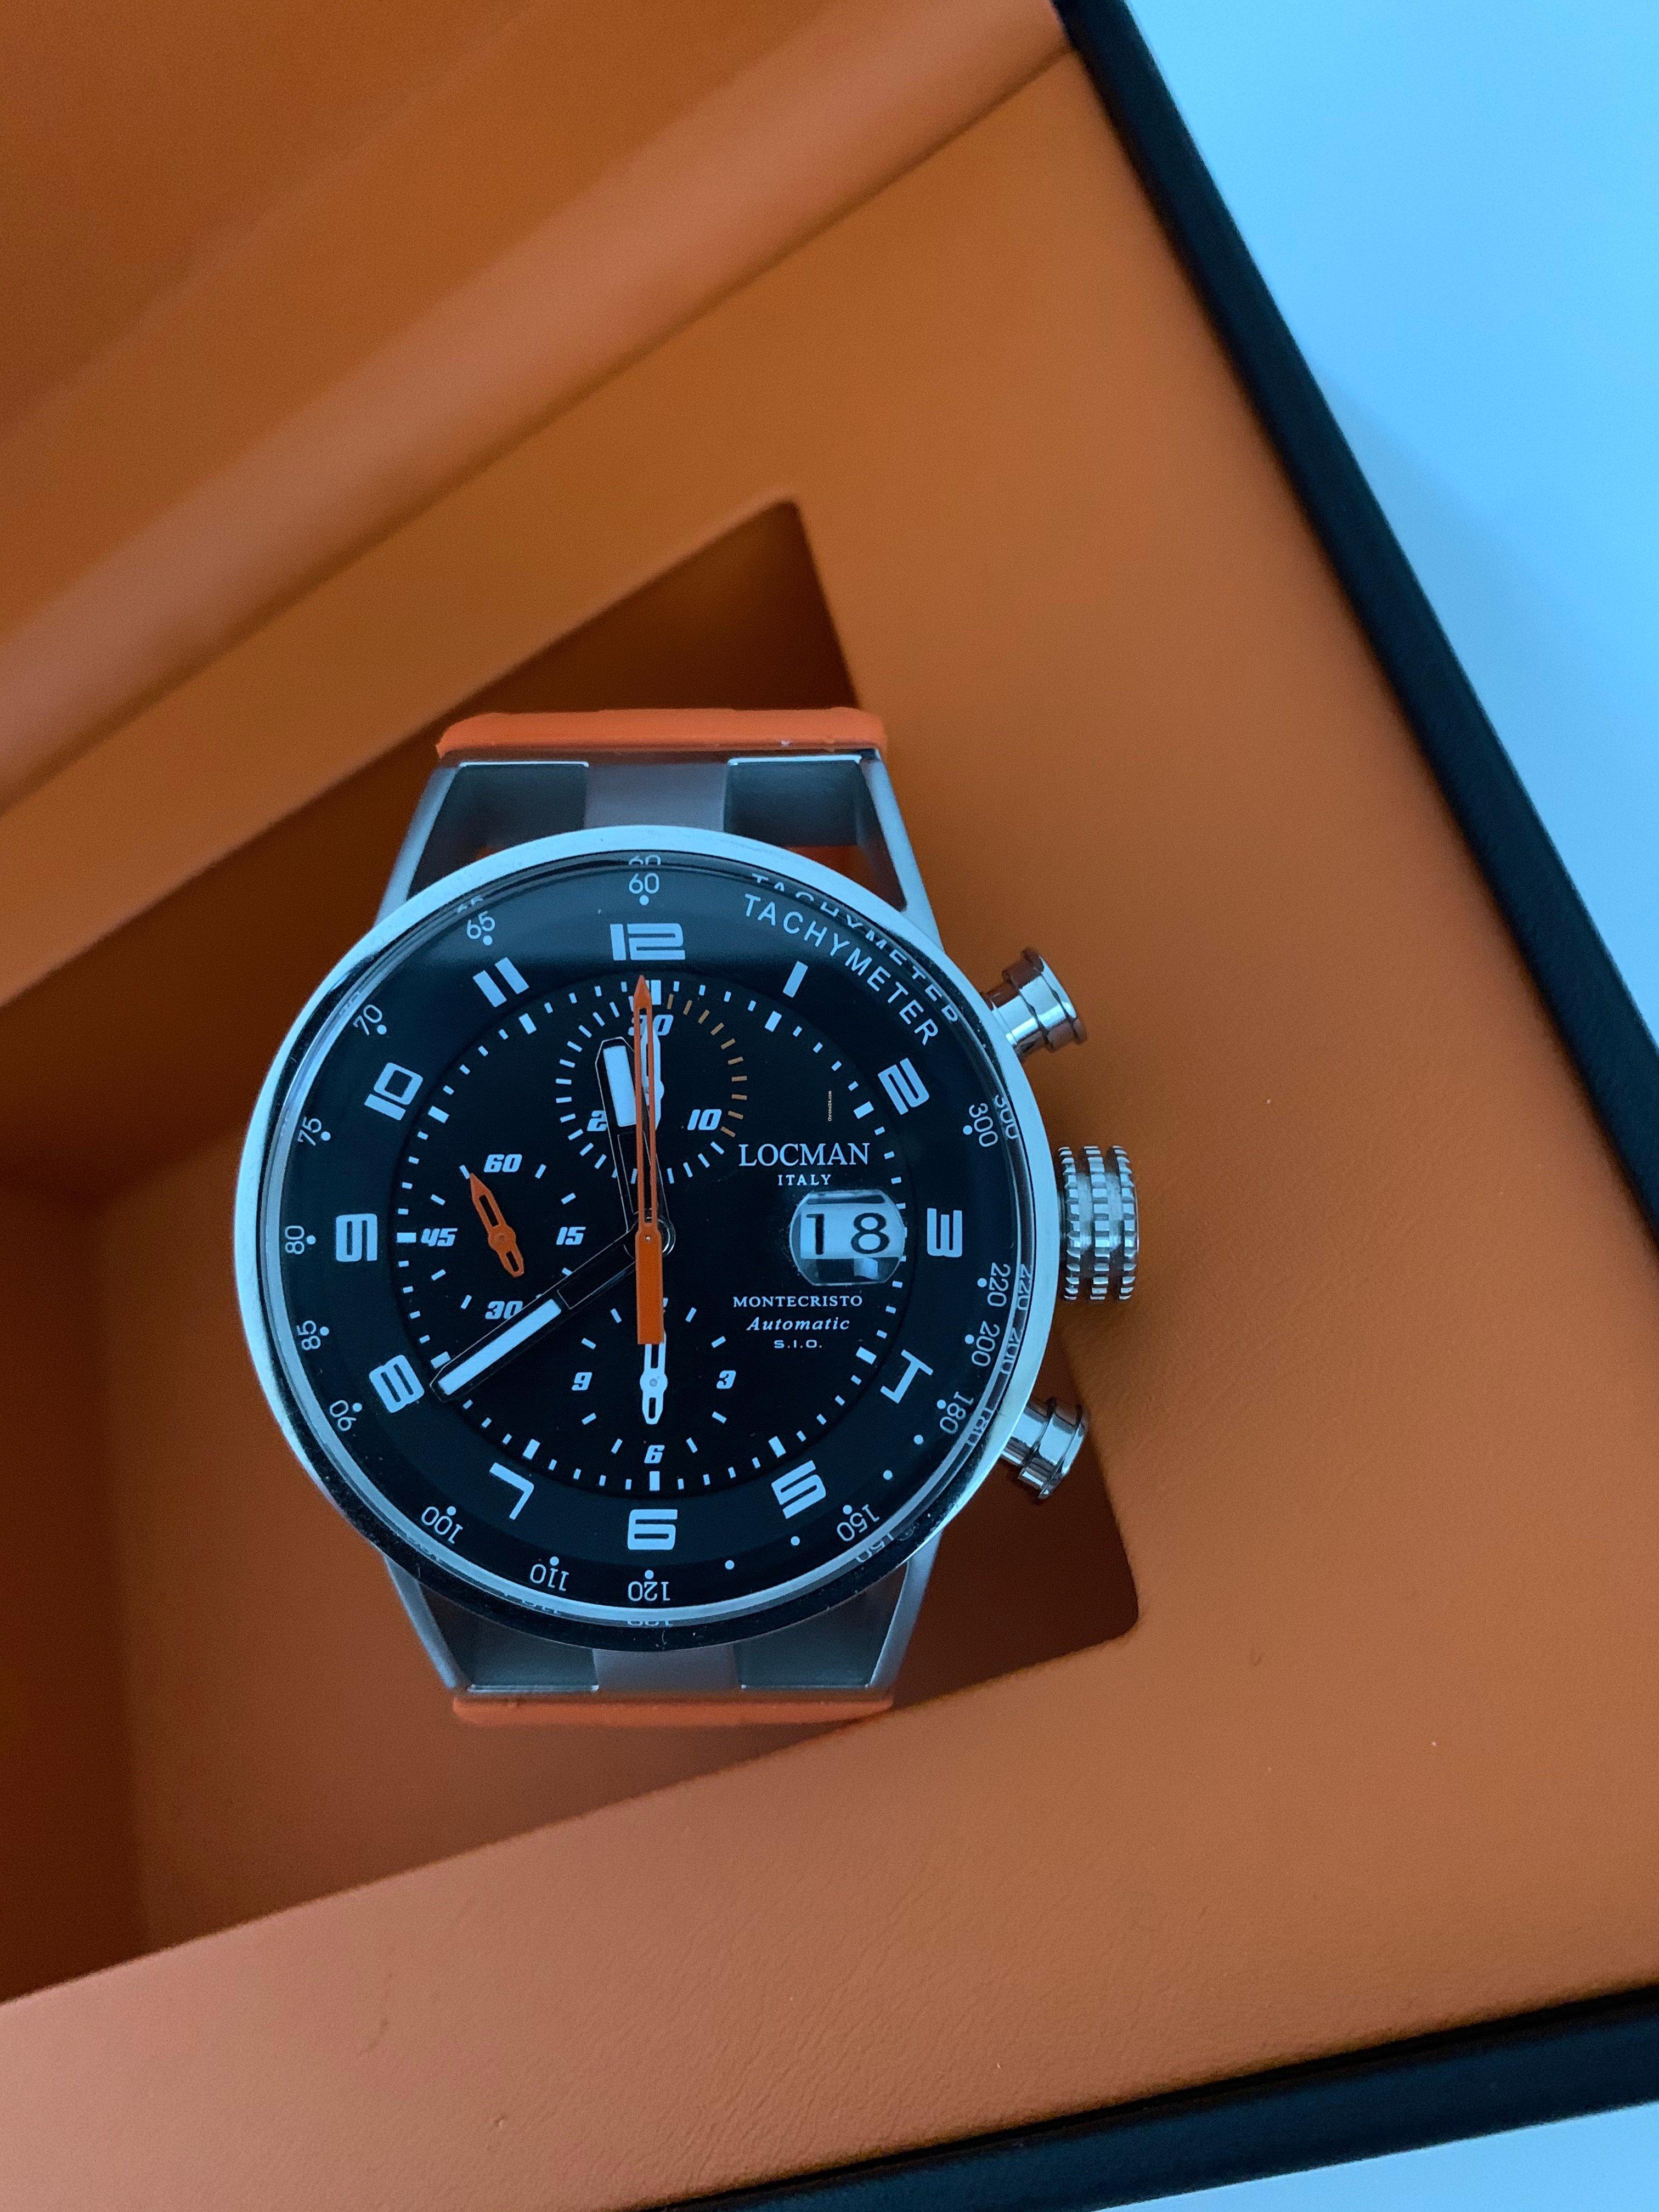 Locman Montecristo cronografo automatico data à vendre pour